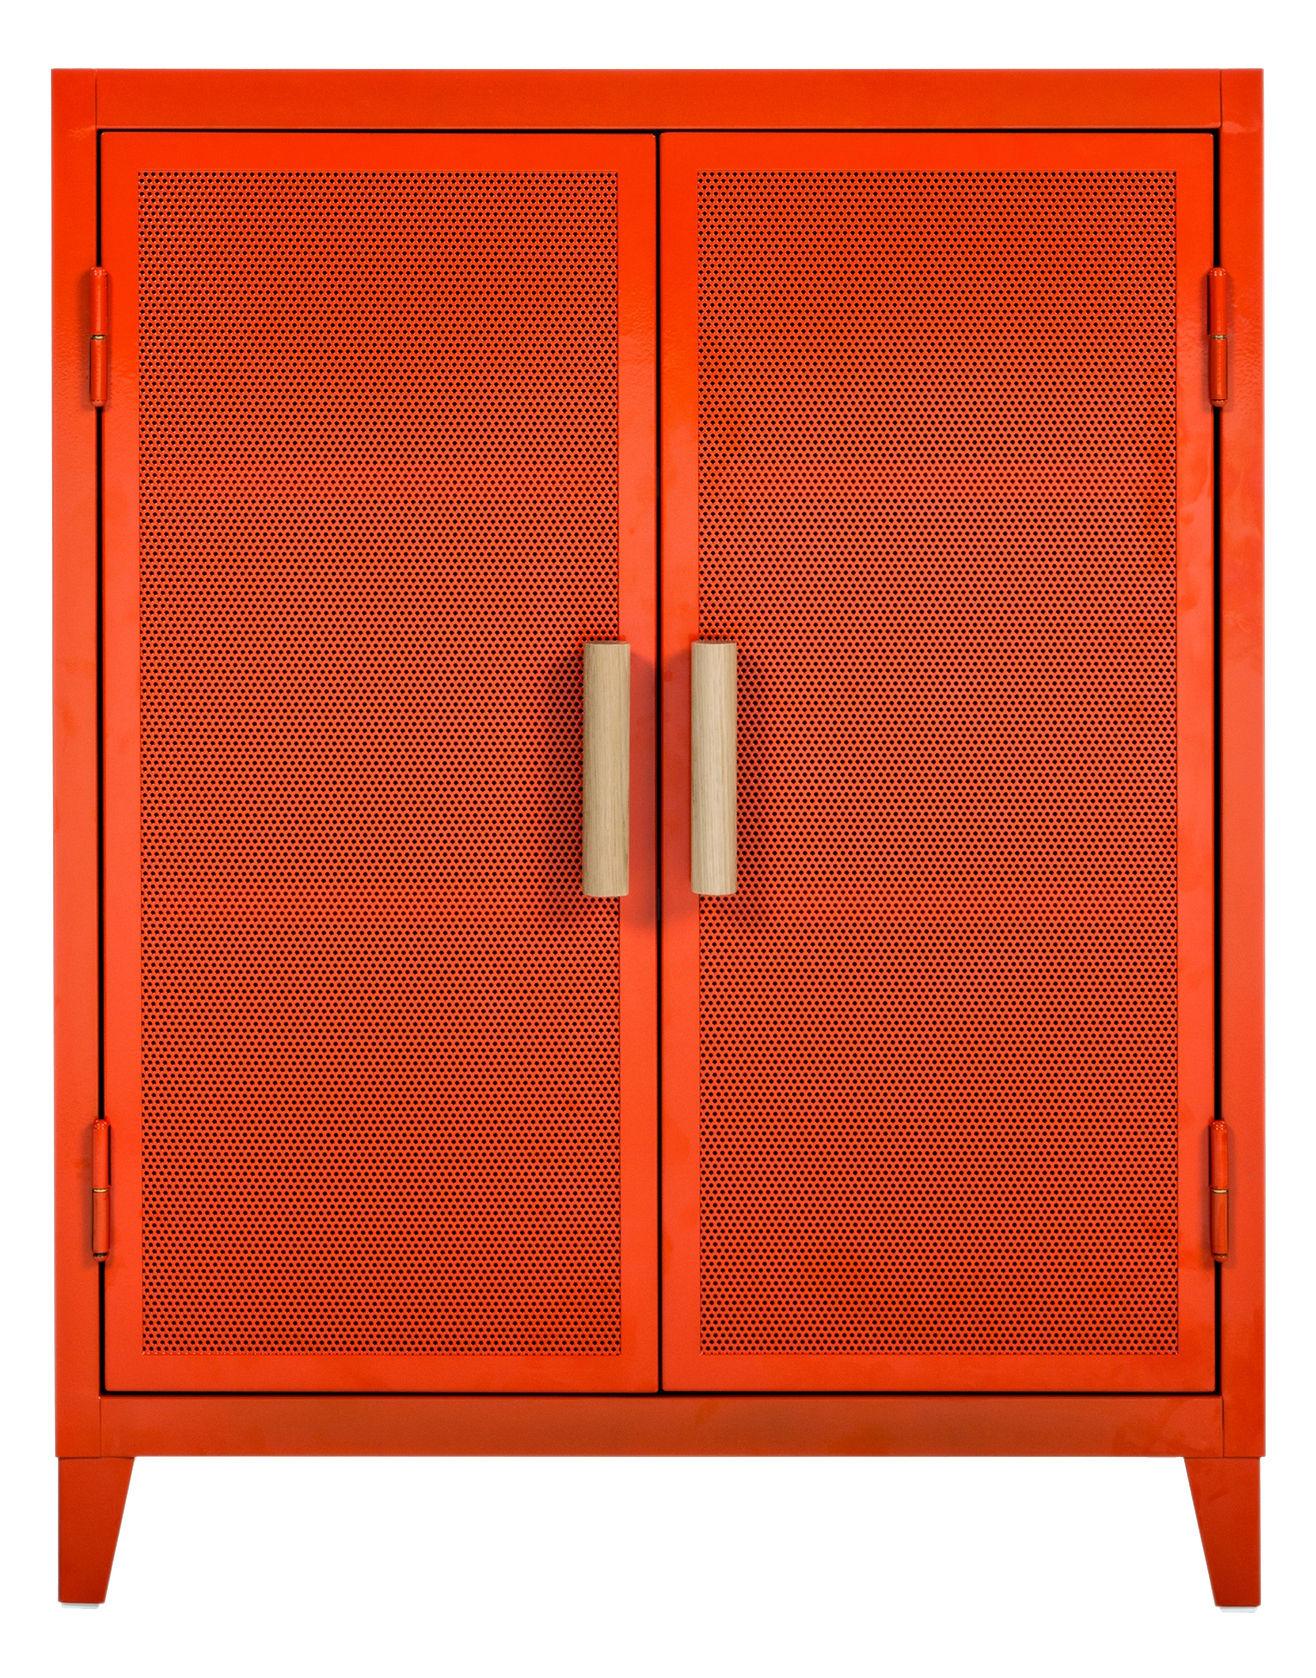 Furniture - Shelves & Storage Furniture - Vestiaire bas Perforé Storage - 2 doors by Tolix - Pumpkin - Acier recyclé laqué, Solid oak